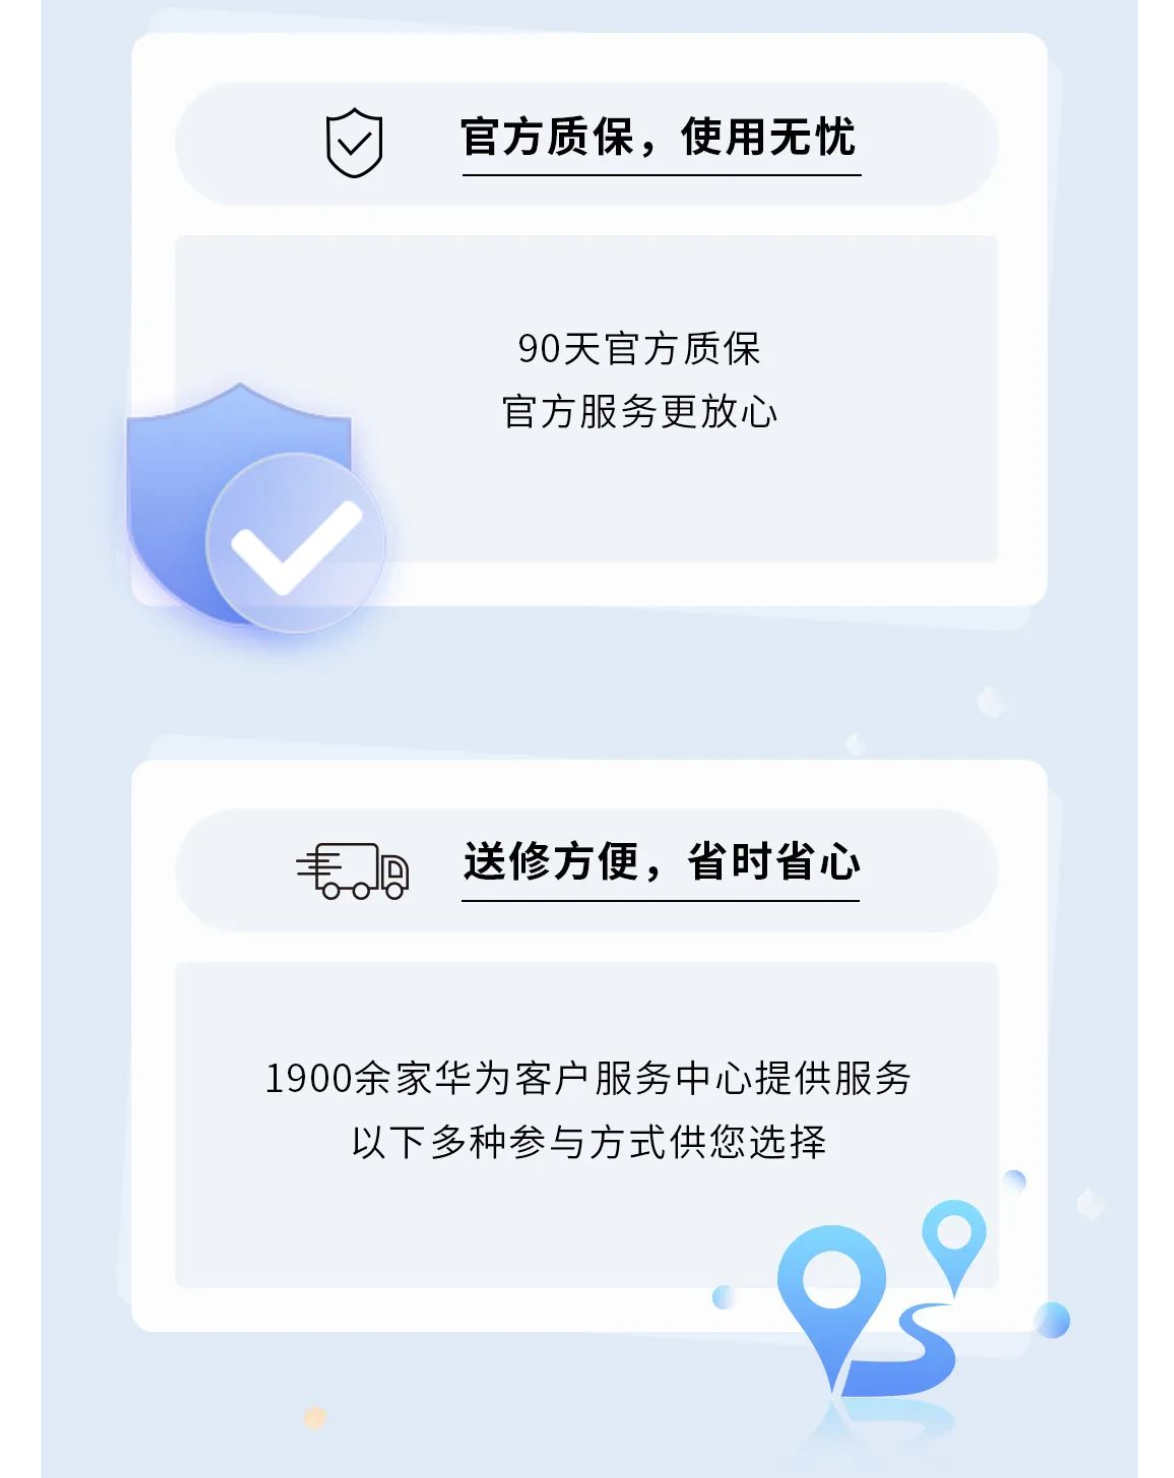 Screenshot_20211014_150148_com.tencent.mm.png